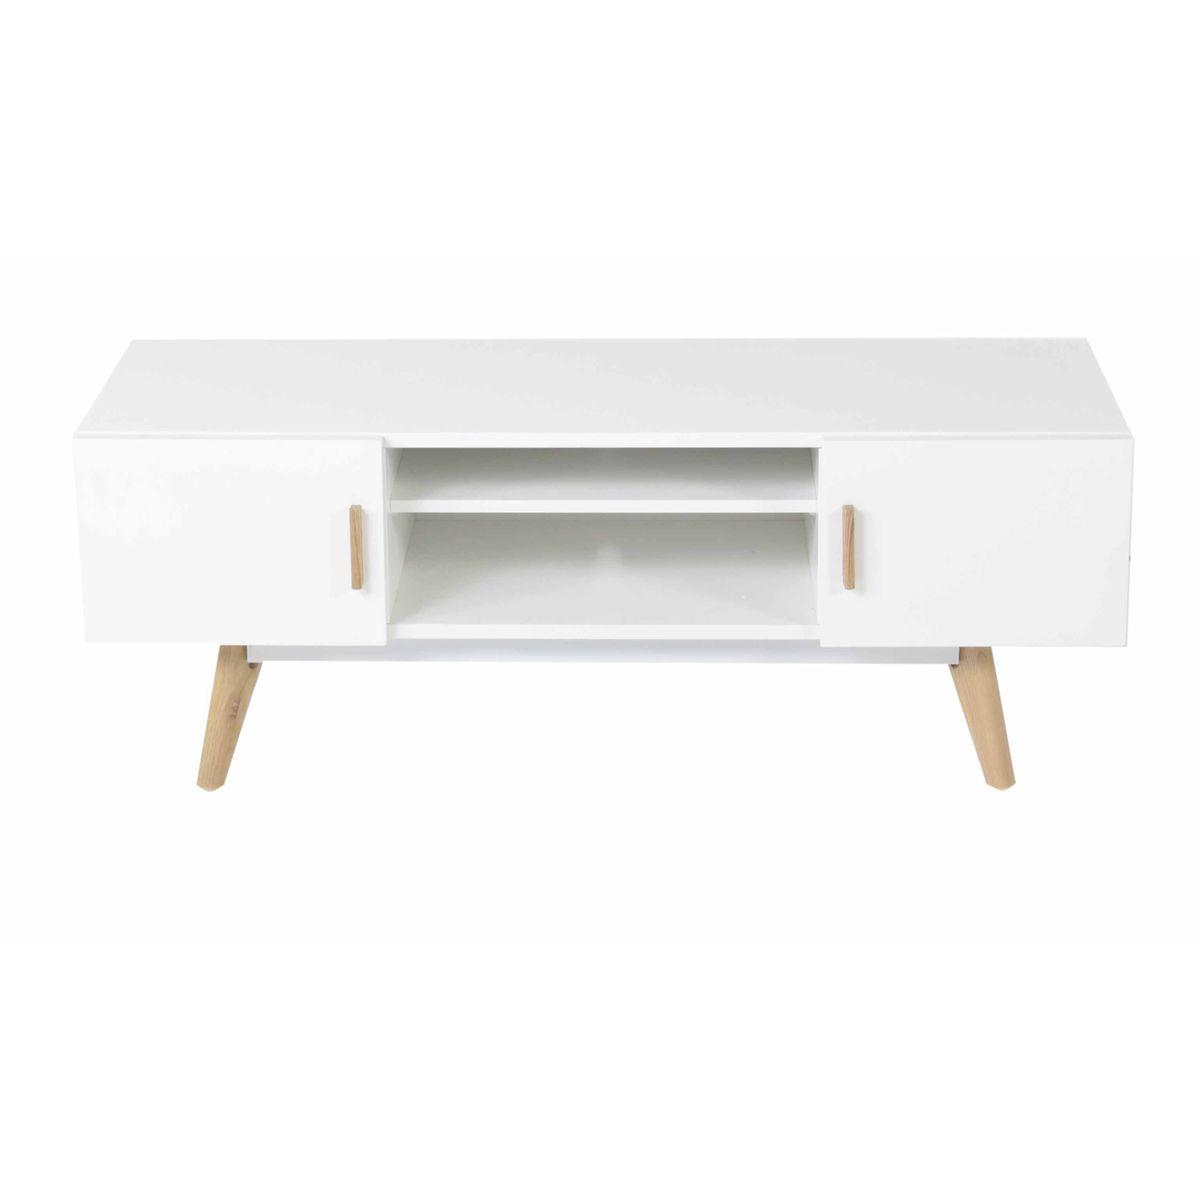 Meuble Tv Ch Ne Et Laqu Blanc 2 Portes 1 Niche Scandie Zago Store # Meuble Tv Chene Blanc Scandinave